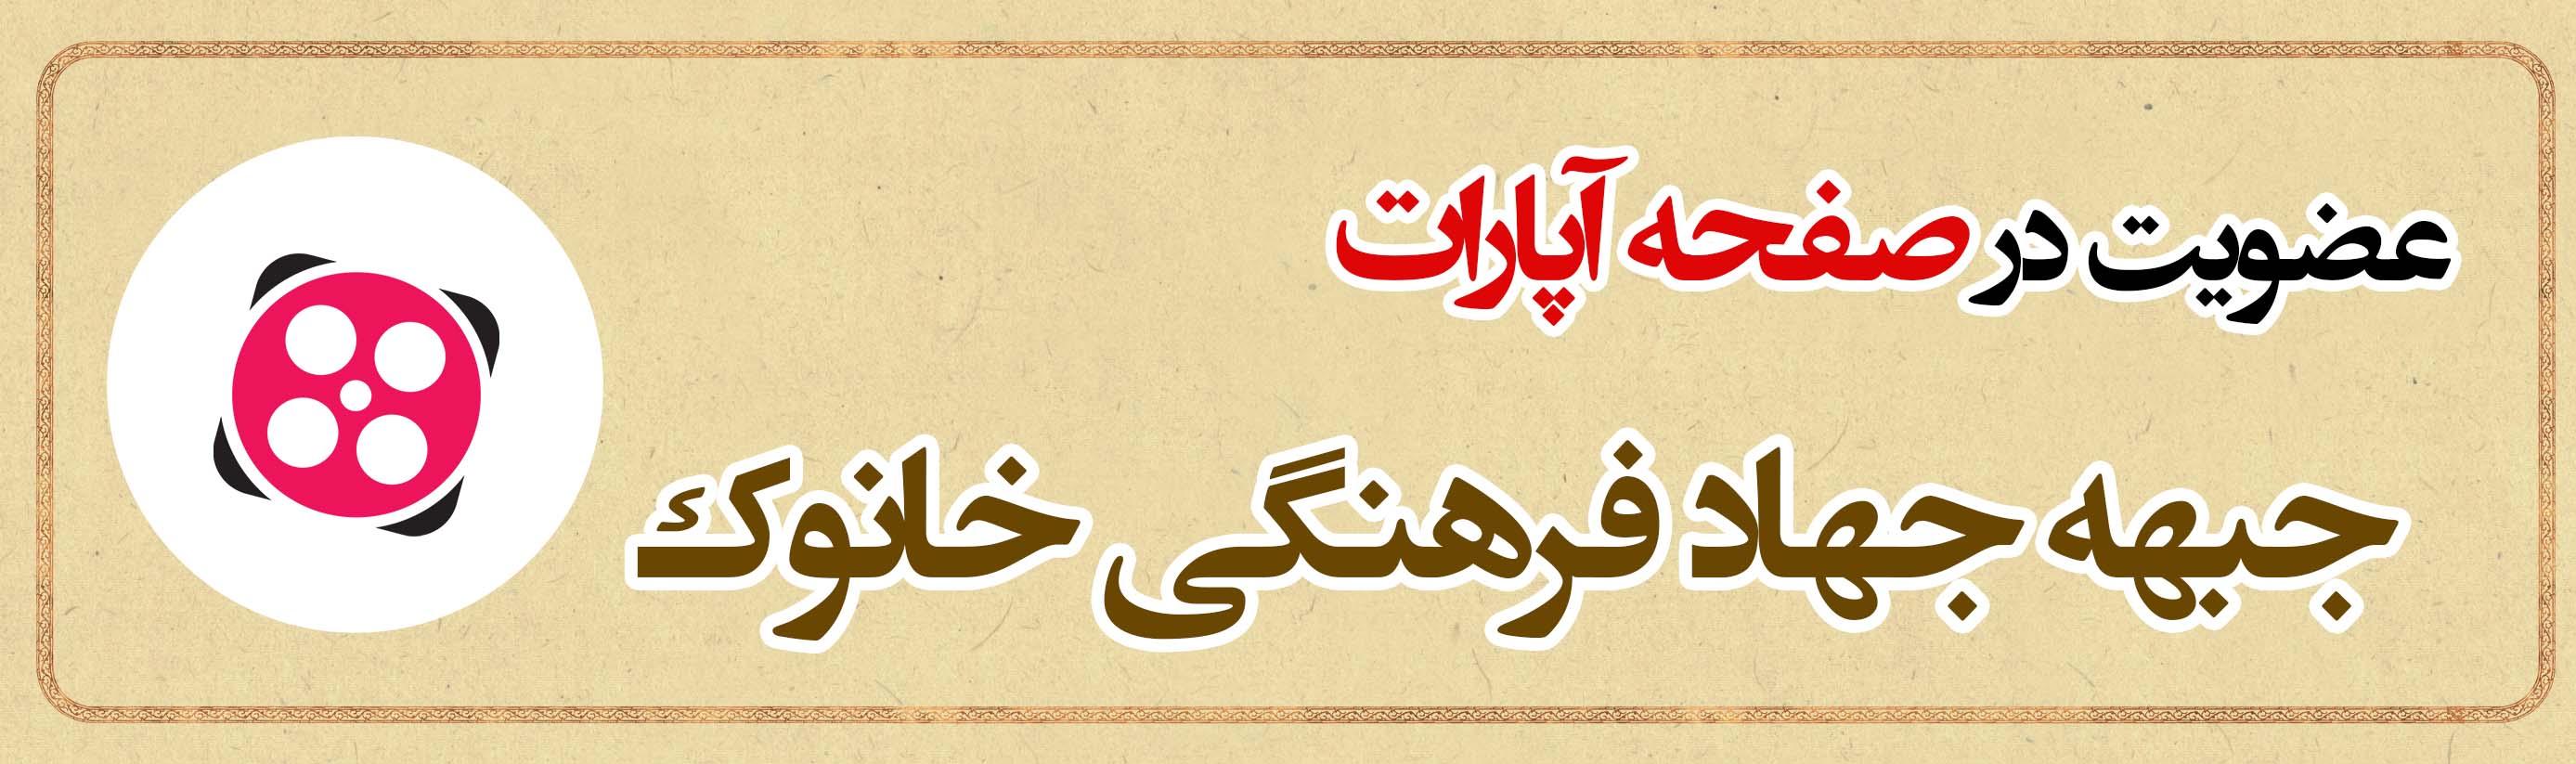 کانال آپارات جبهه جهاد فرهنگی خانوک